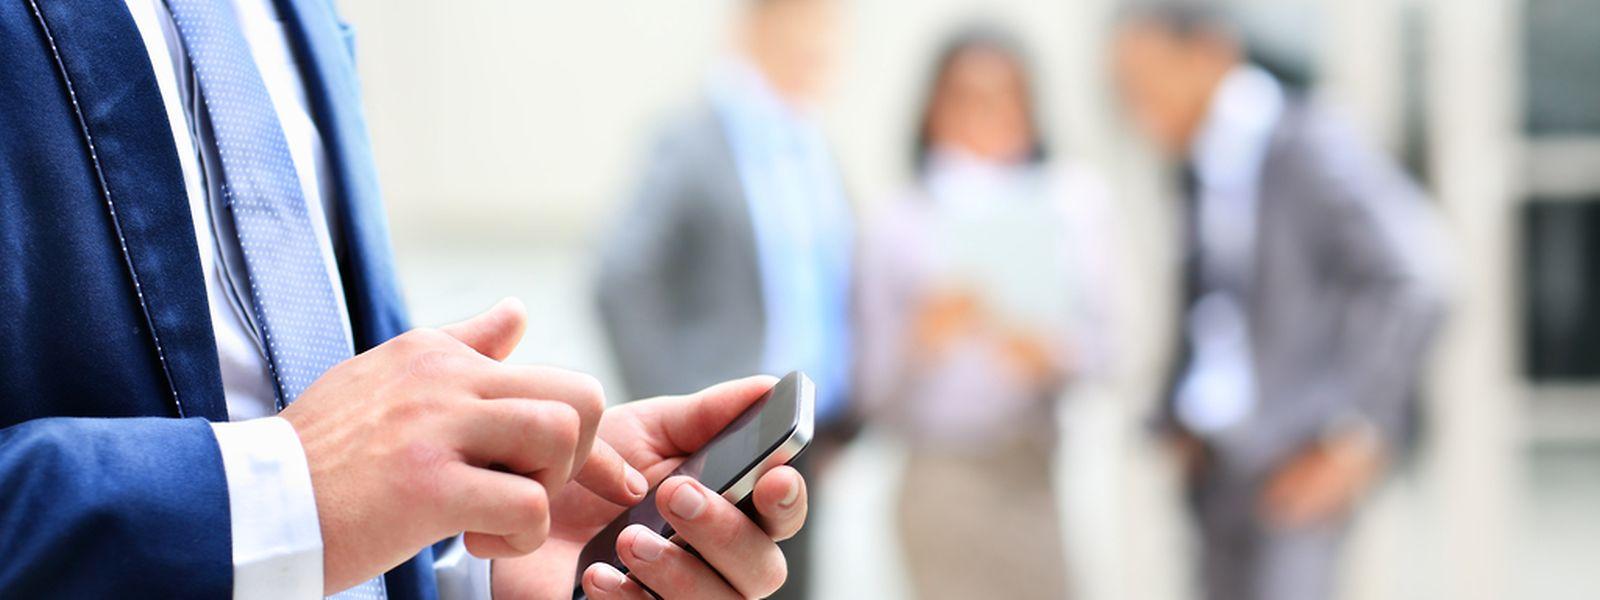 Manche Mobilfunkanbieter antizipieren die neue Roaming-Regulierung und haben regelrechte Europatarife im Angebot mit grenzübergreifenden Flatrates für Anrufe, SMS und Daten.